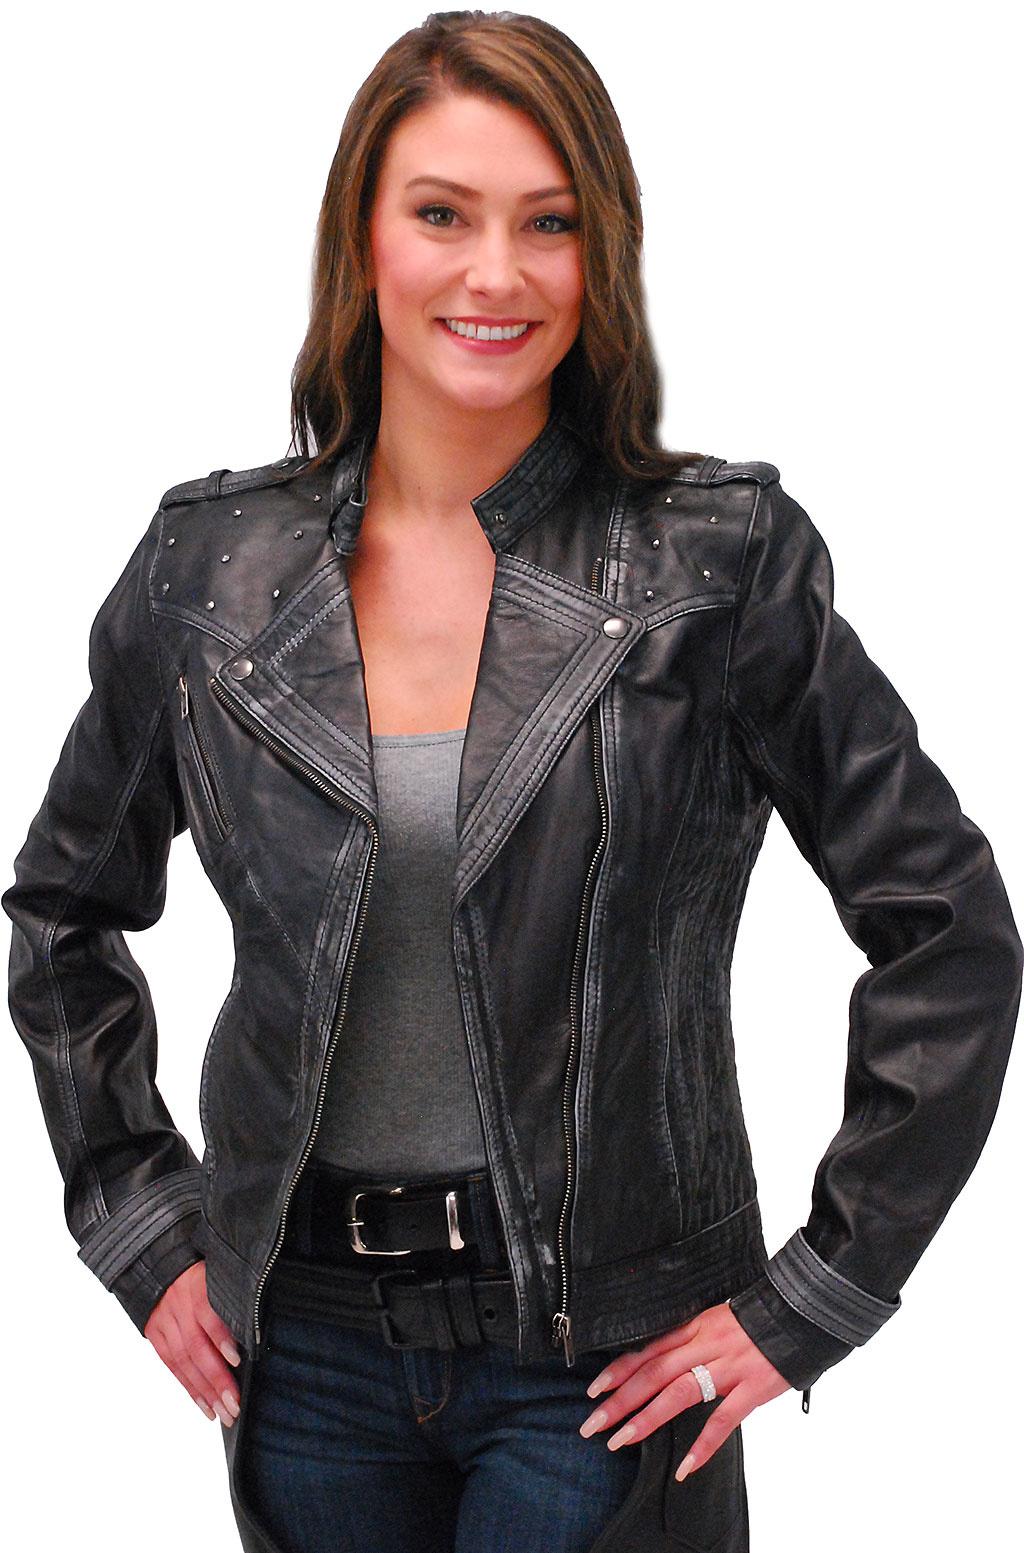 Black, XX-Large Milwaukee Womens Full Length Motorcycle Jacket